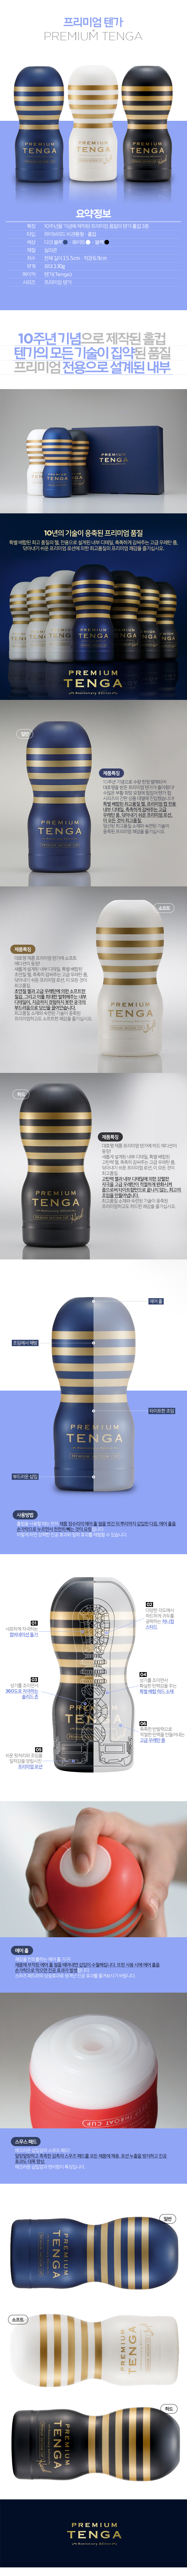 [10주년 기념 홀컵] 프리미엄 텐가 3종(プレミアムテンガ Premium Tenga) - 텐가